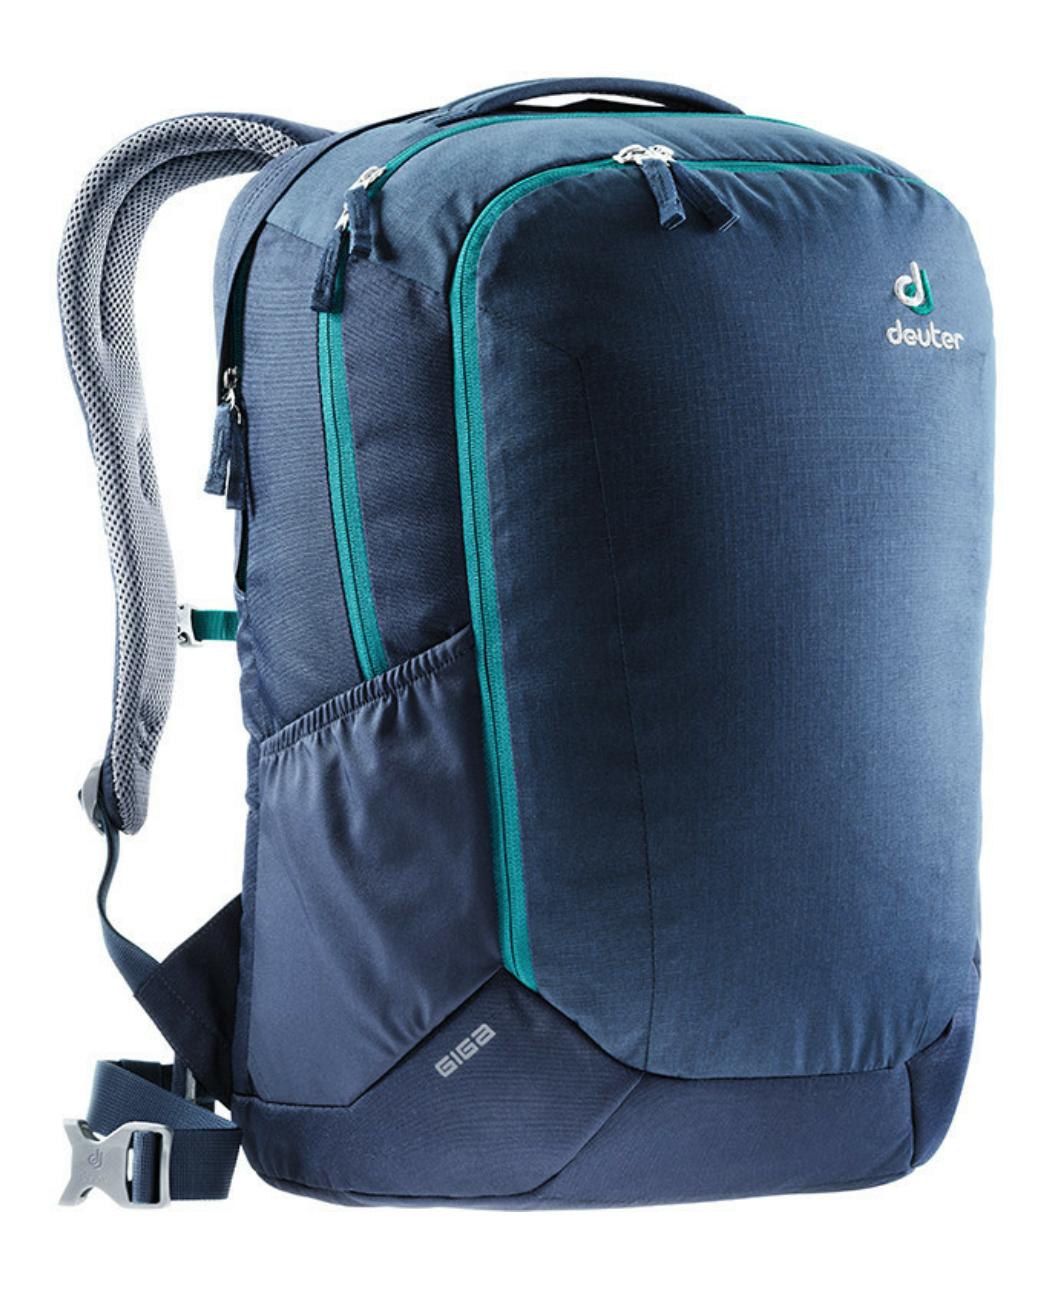 [koffer-to-go] Deuter Giga (2018) blau  28L Rucksack für Arbeit/Schule/Studium